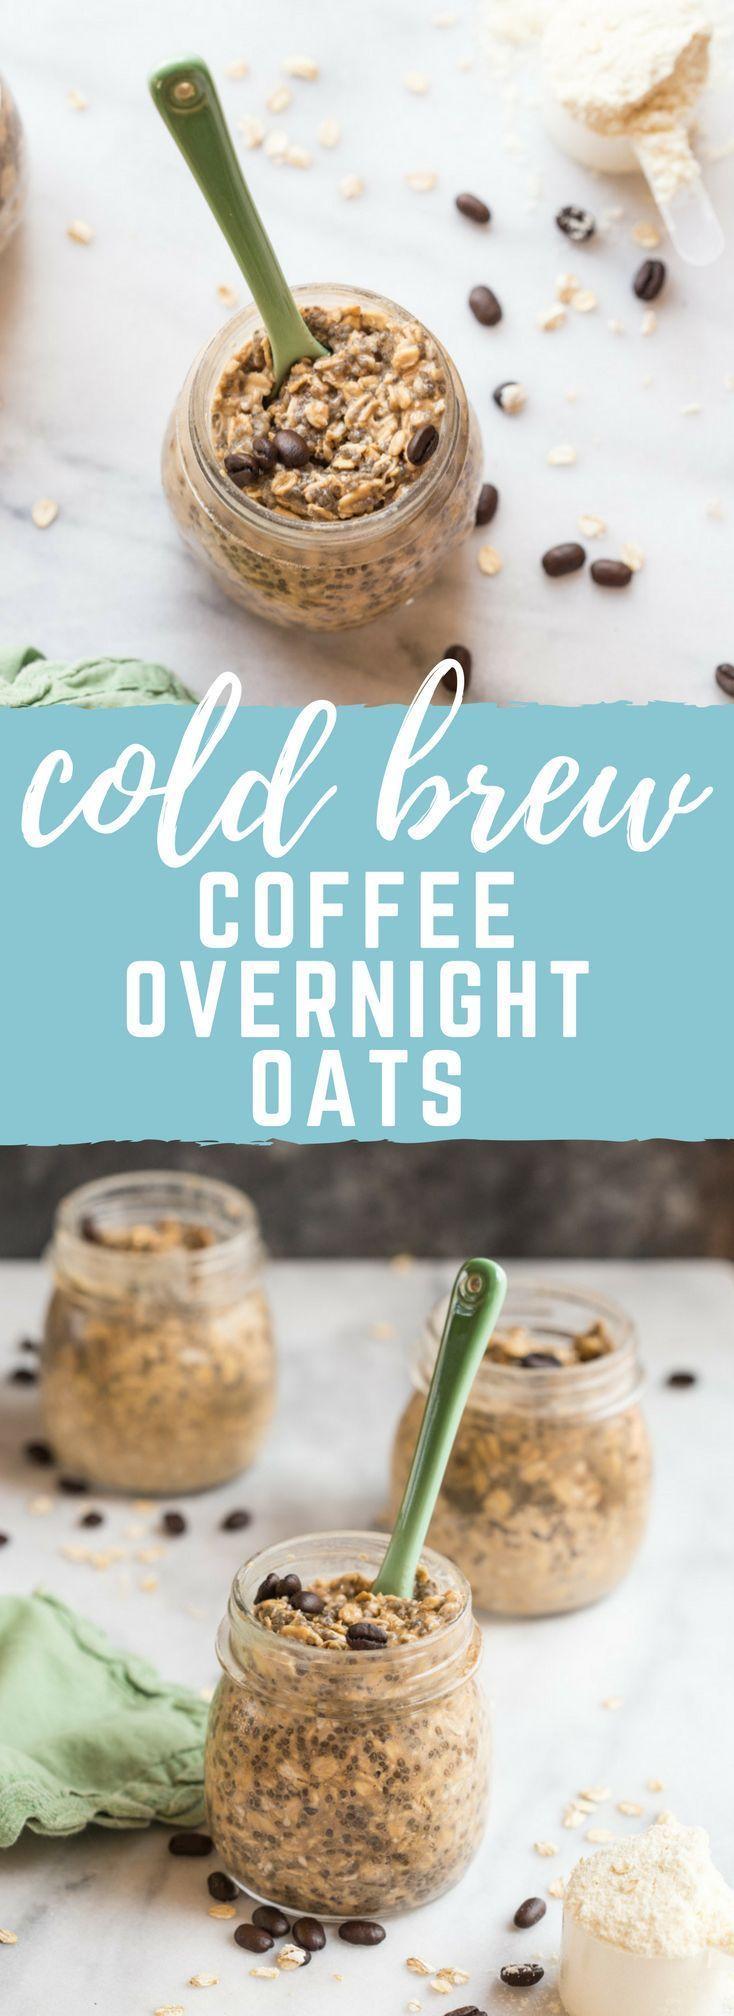 Copos de avena y café noche anterior